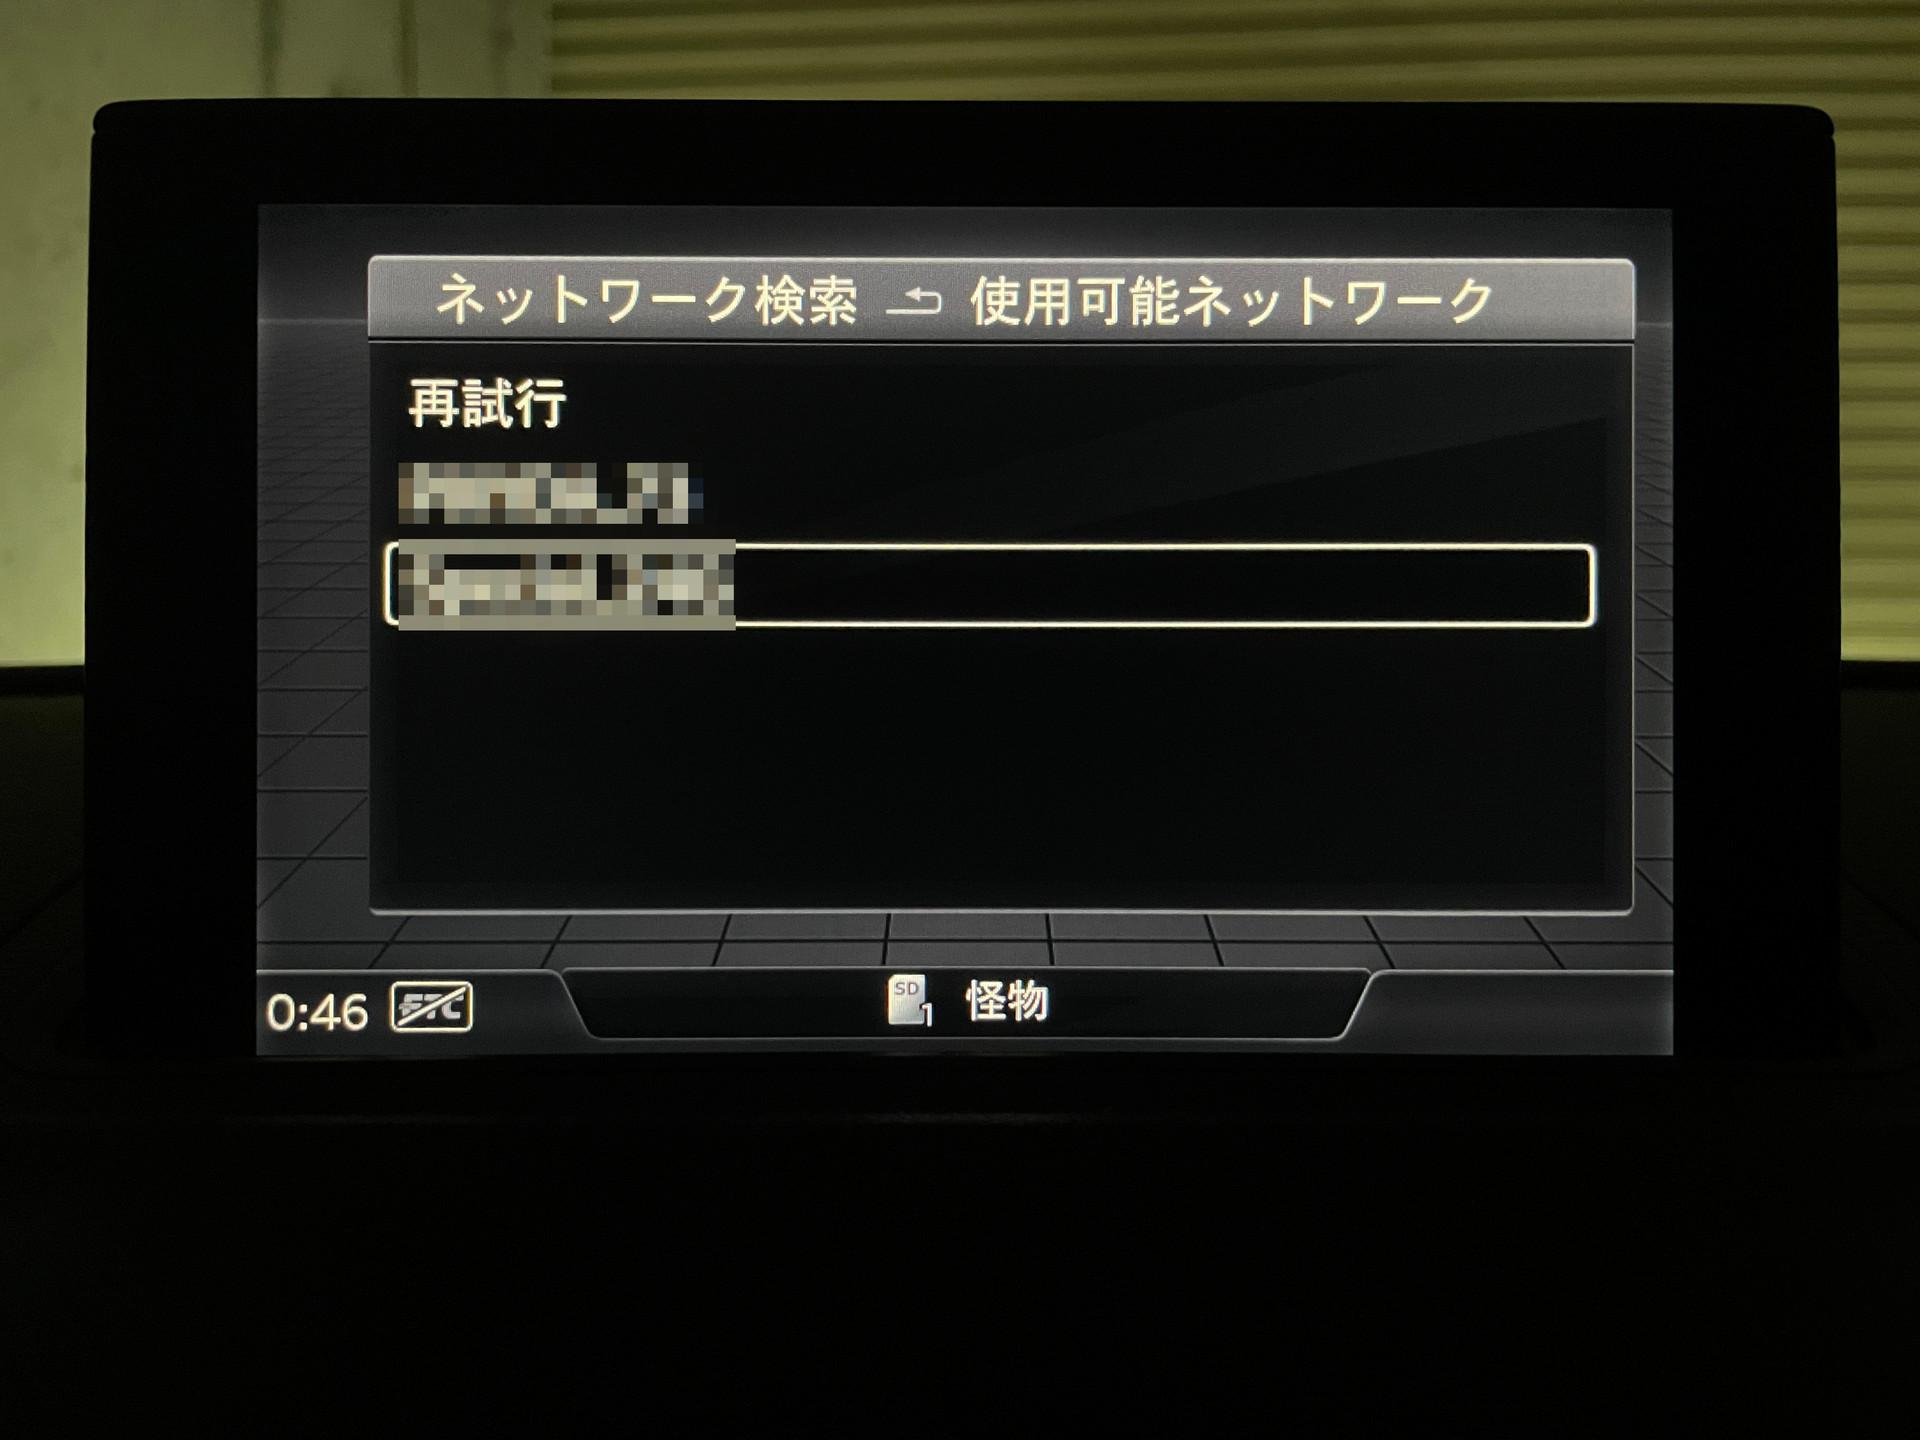 f:id:rx7:20210929004645j:image:w640